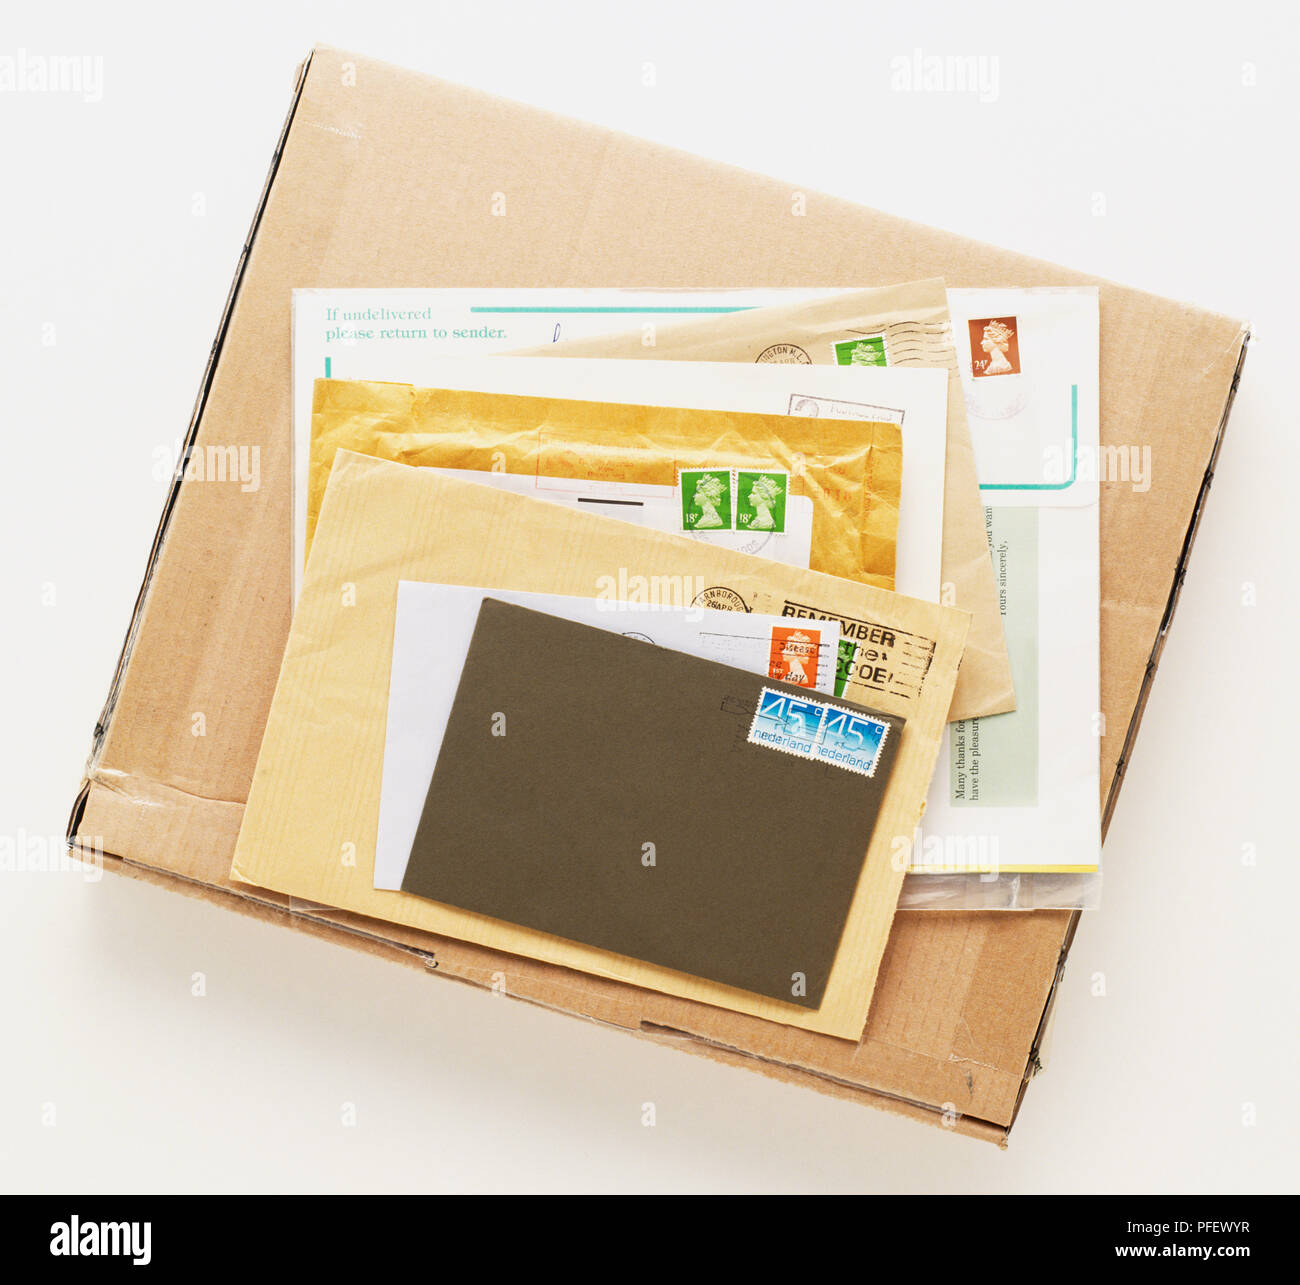 Stapel von gestanzten Buchstaben auf Karton Paket, Ansicht ...